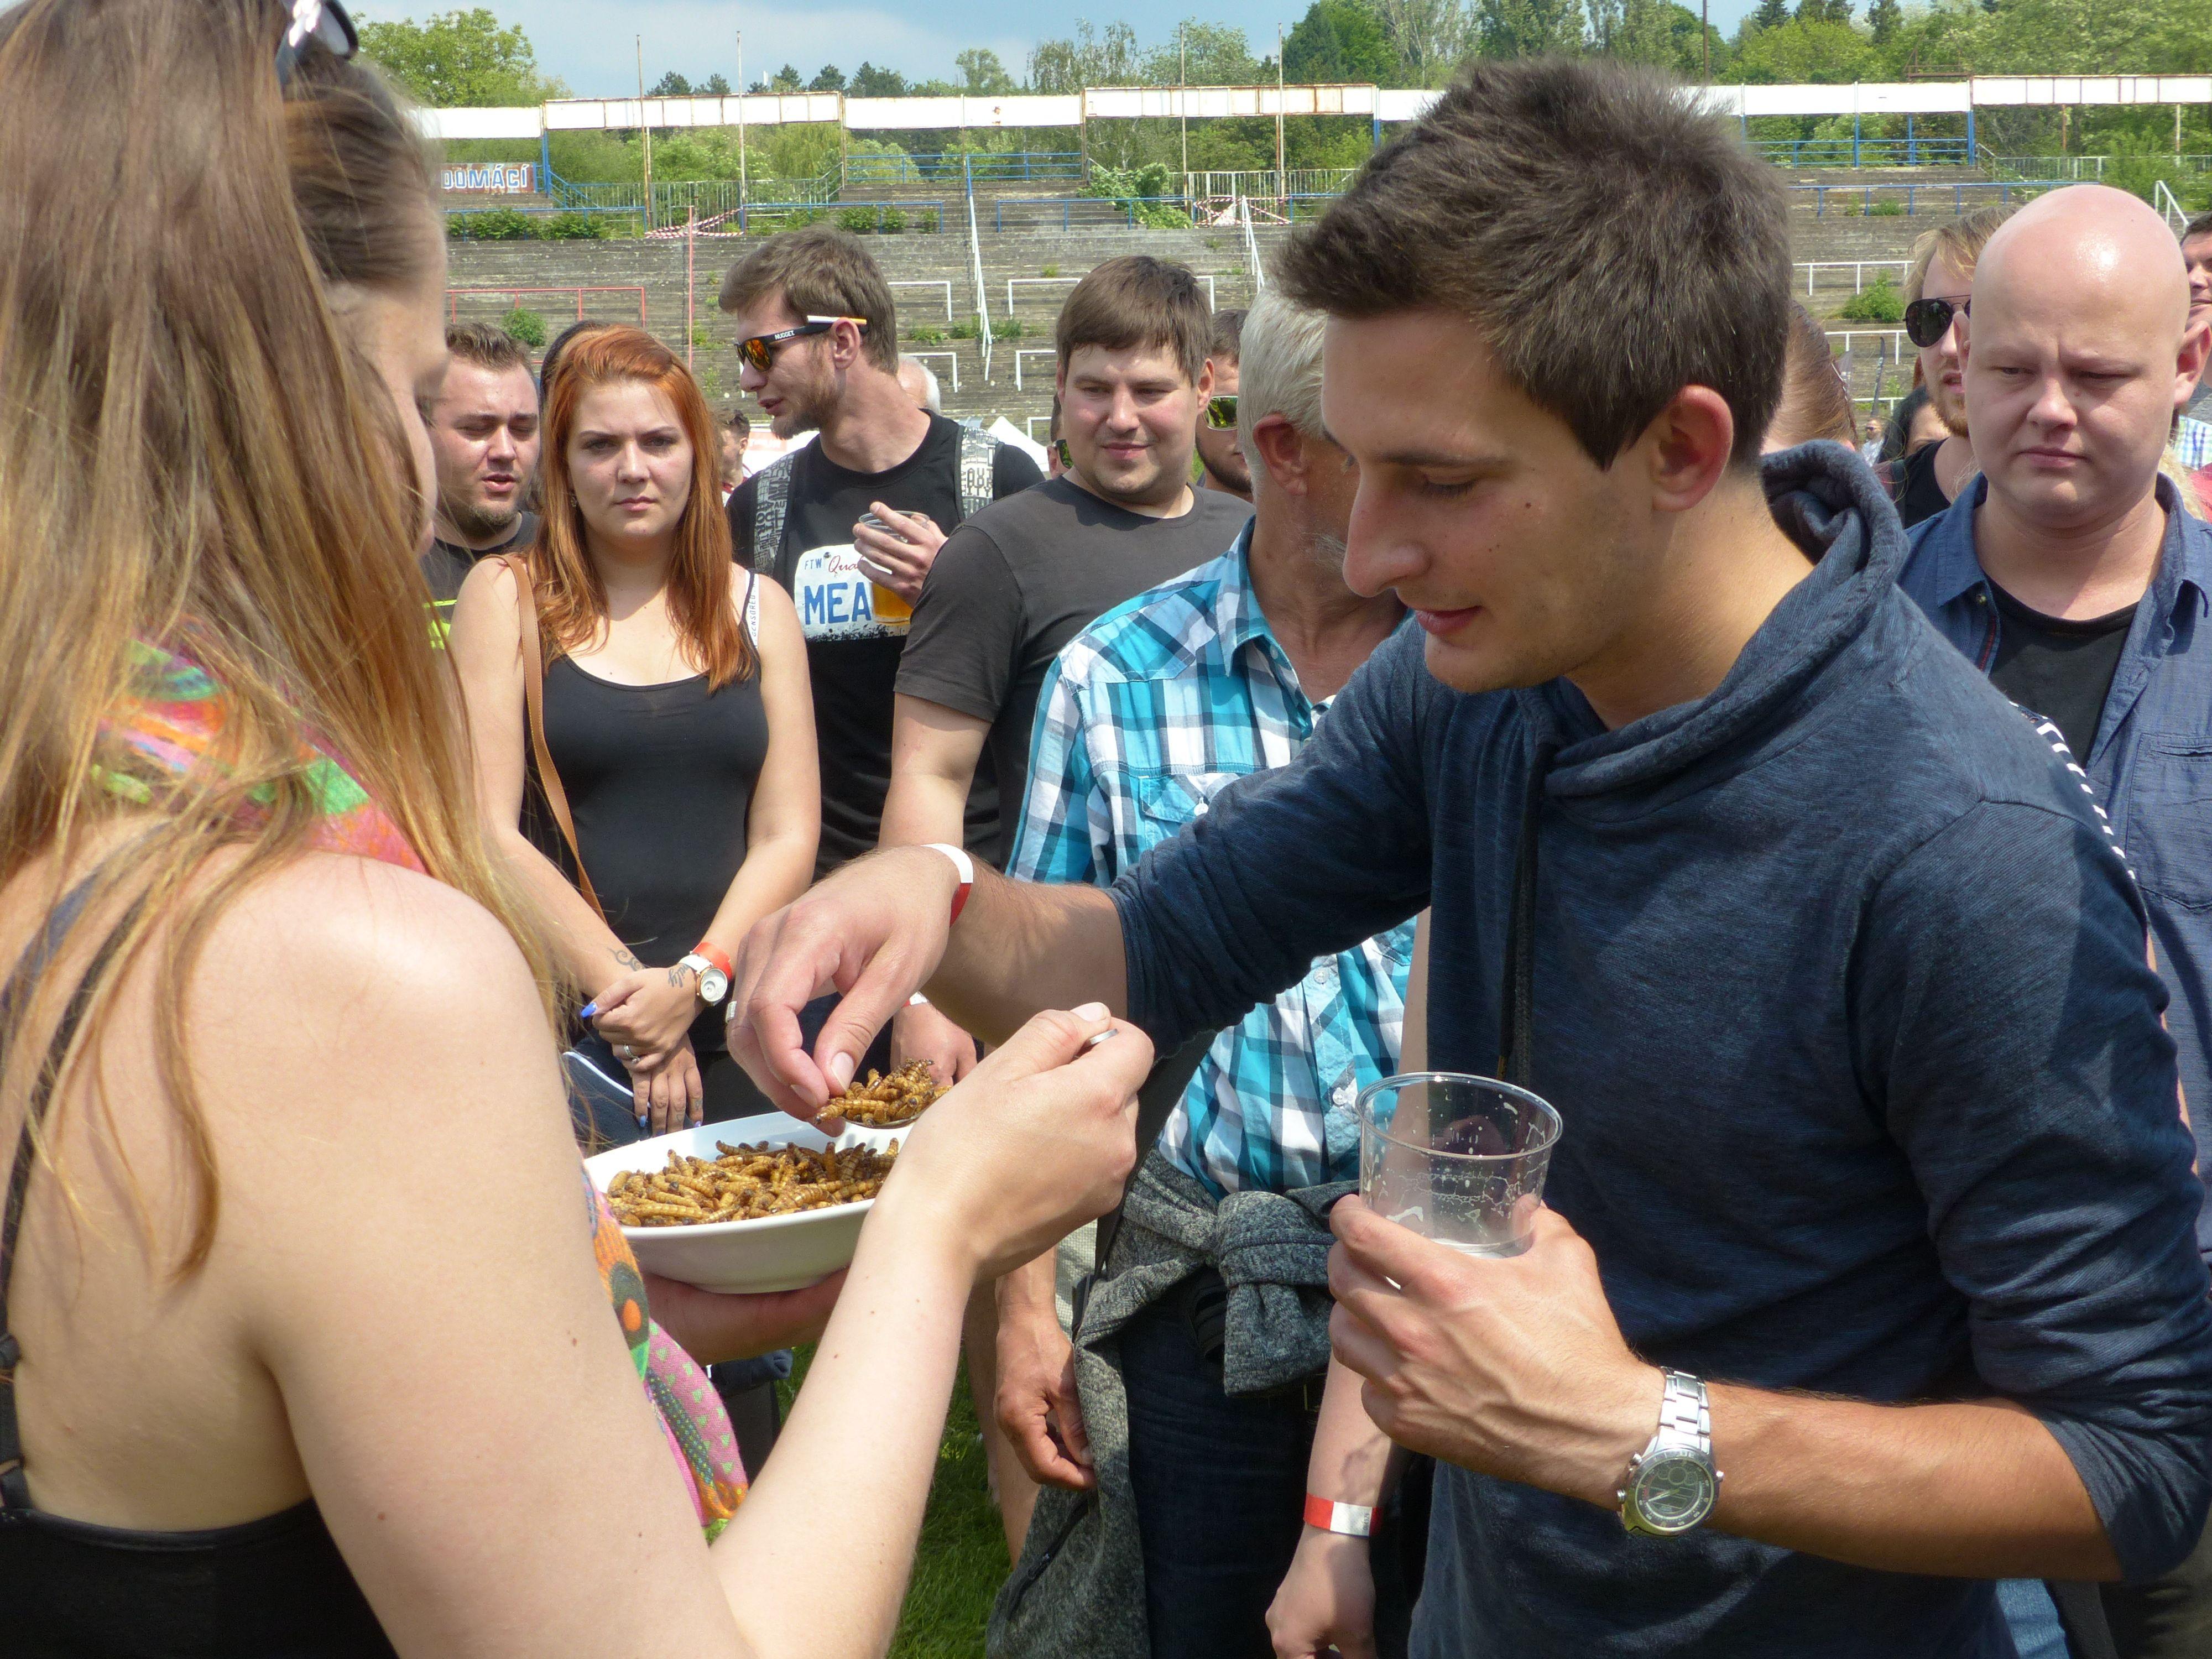 Účastníci festivalu vytvořili český rekord v počtu lidí pojídajících červy na jednom místě.